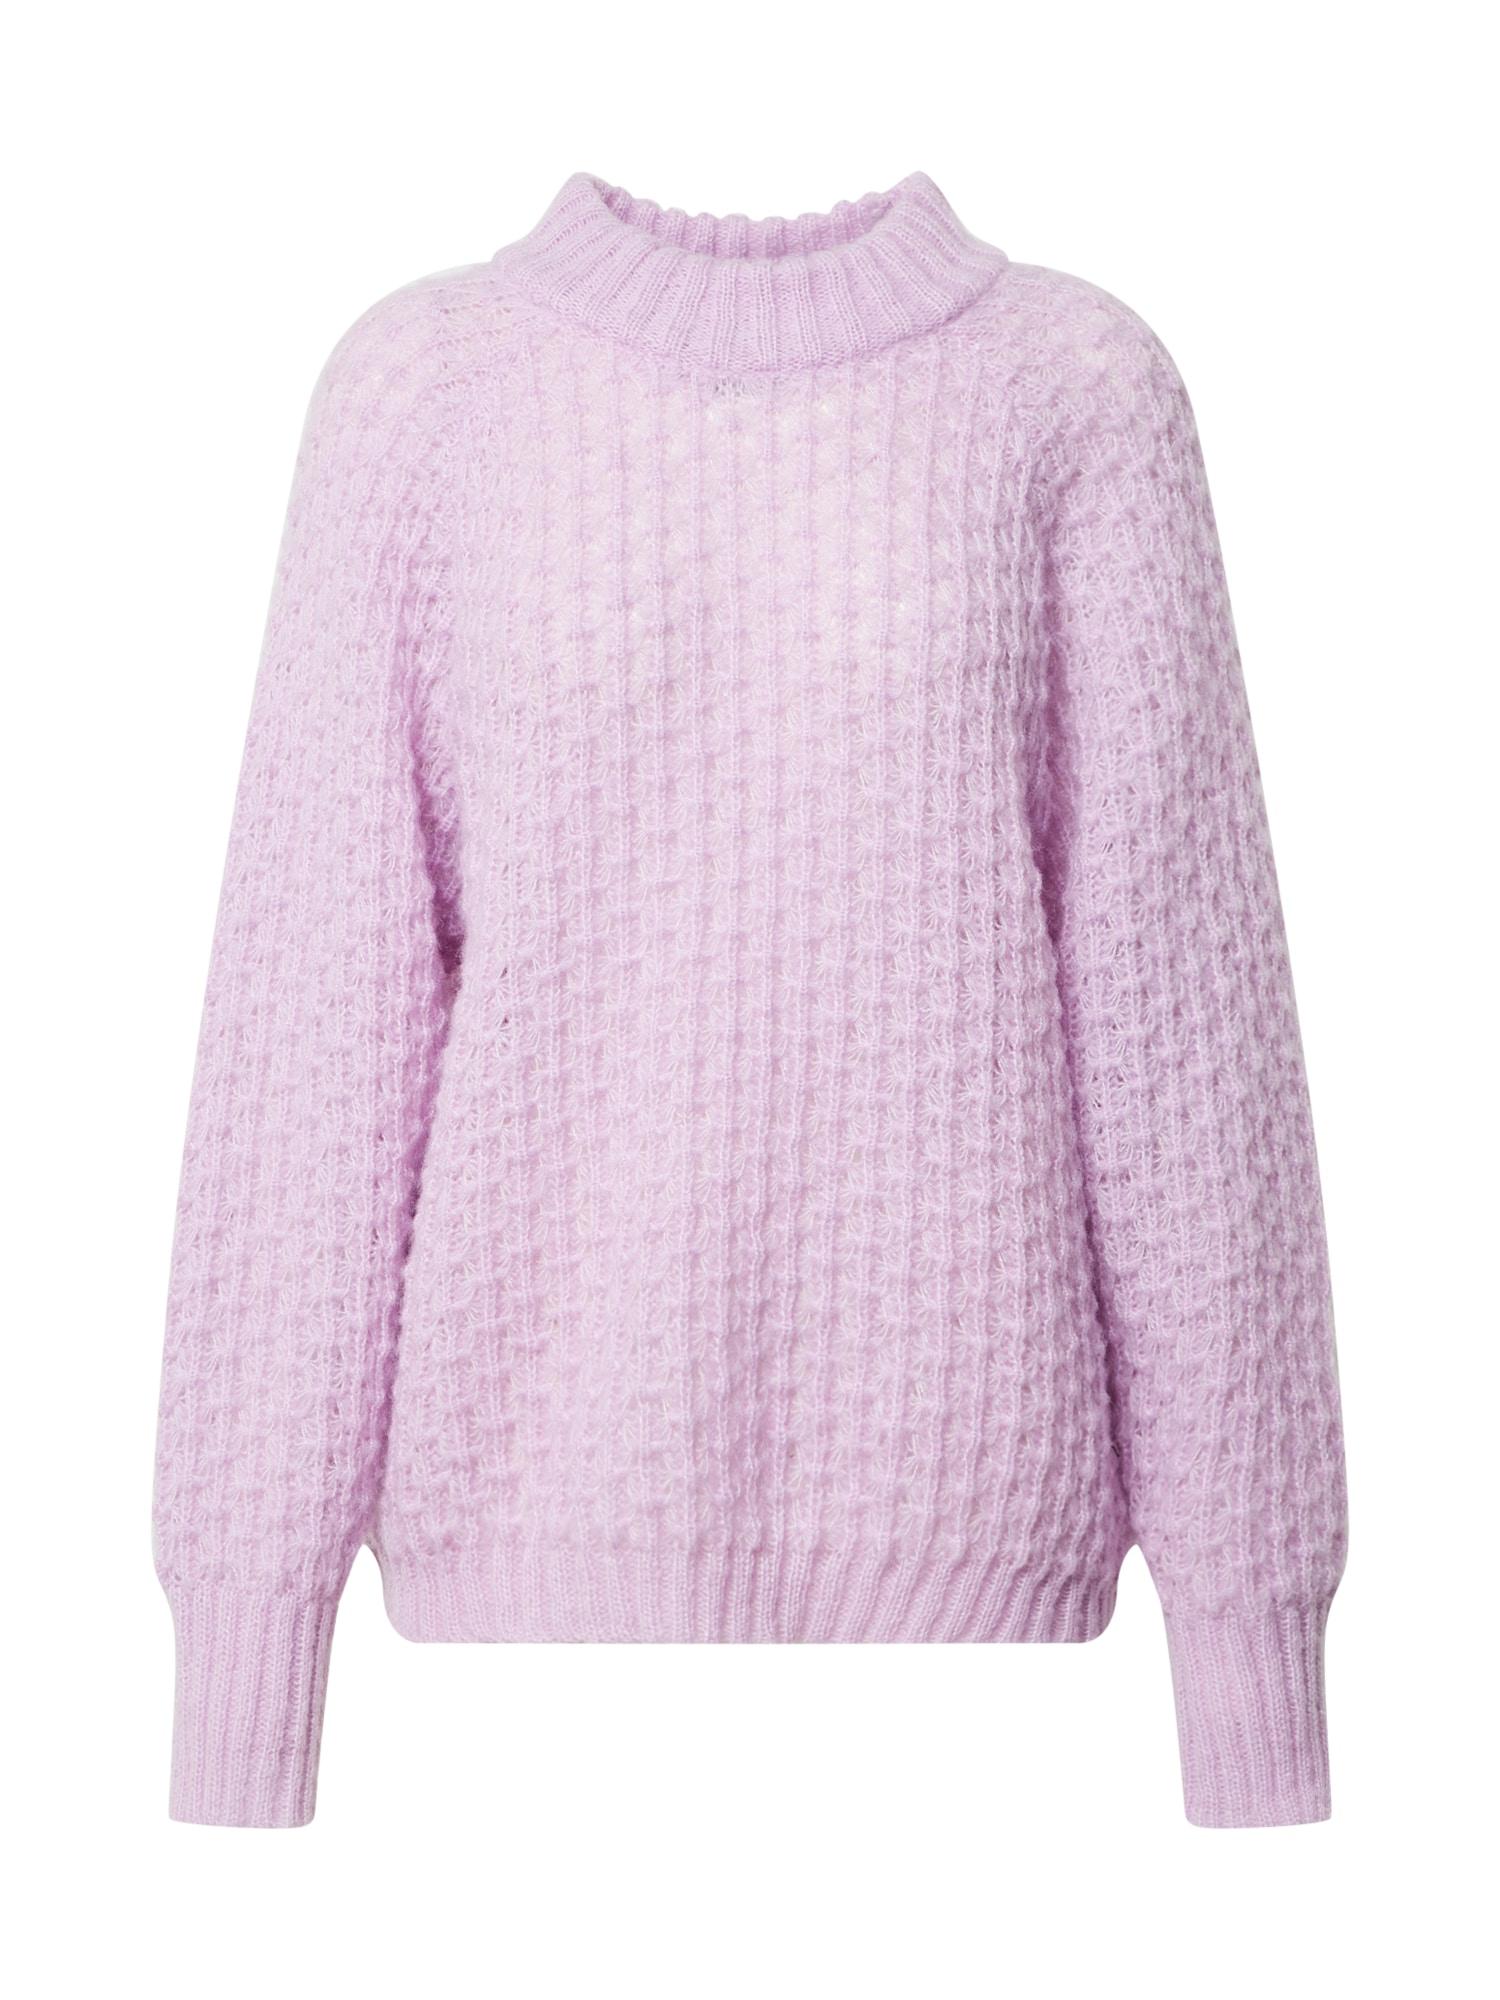 FRNCH PARIS Megztinis pastelinė violetinė